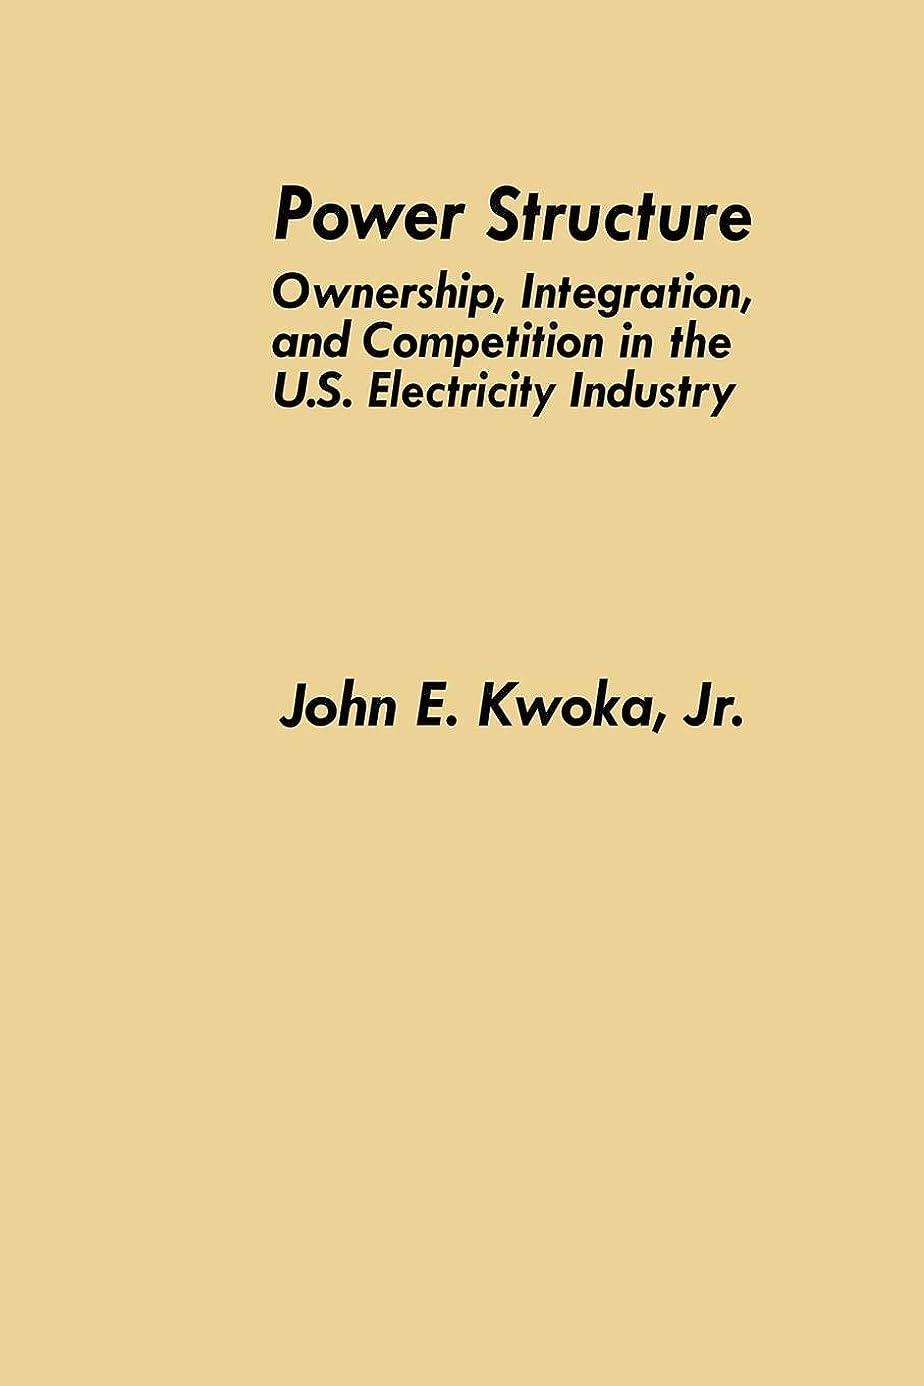 バリースリップシューズクラッチPower Structure: Ownership, Integration, and Competition in the U.S. Electricity Industry